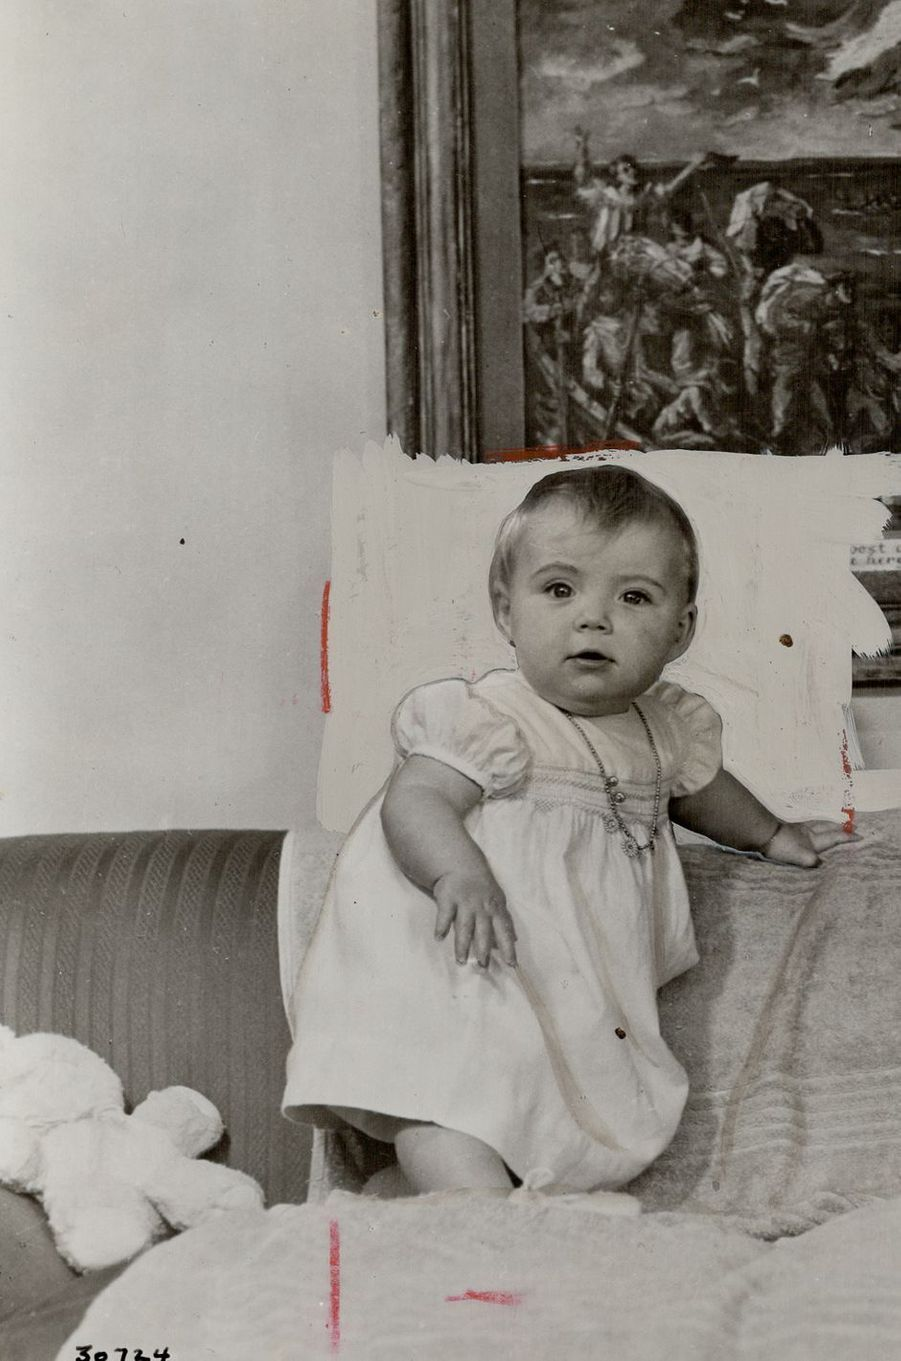 La princesse Margriet des Pays-Bas, photo pour son 1er anniversaire en 1944